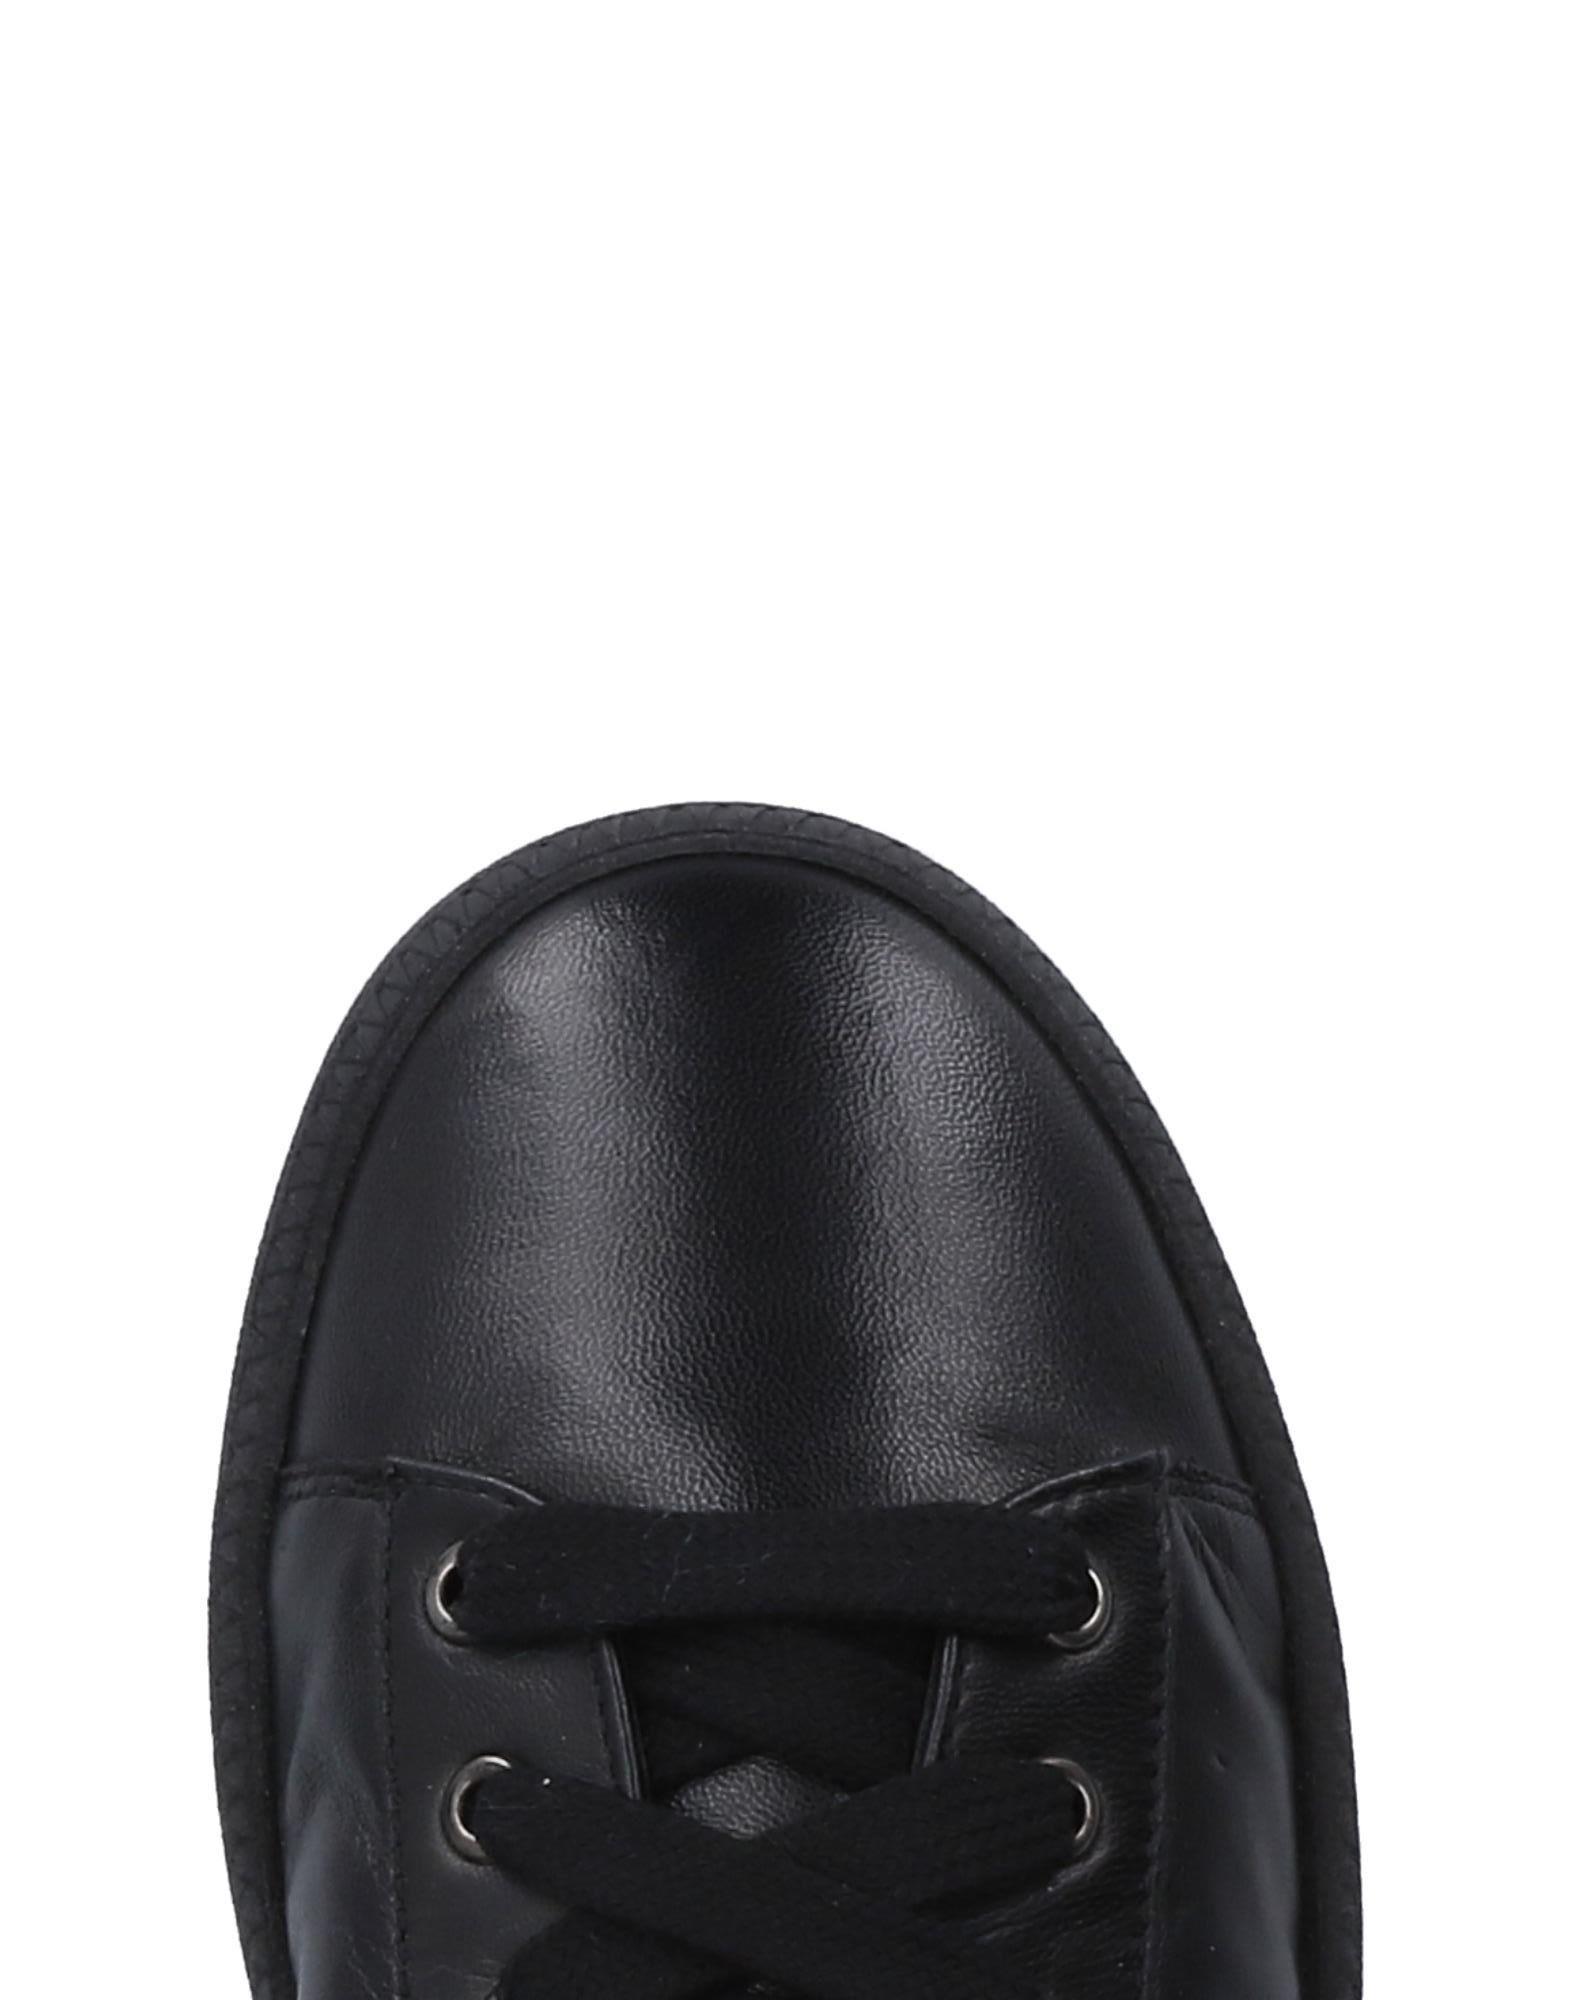 Bagatt Sneakers Damen  11510117BQ Schuhe Gute Qualität beliebte Schuhe 11510117BQ dbb158